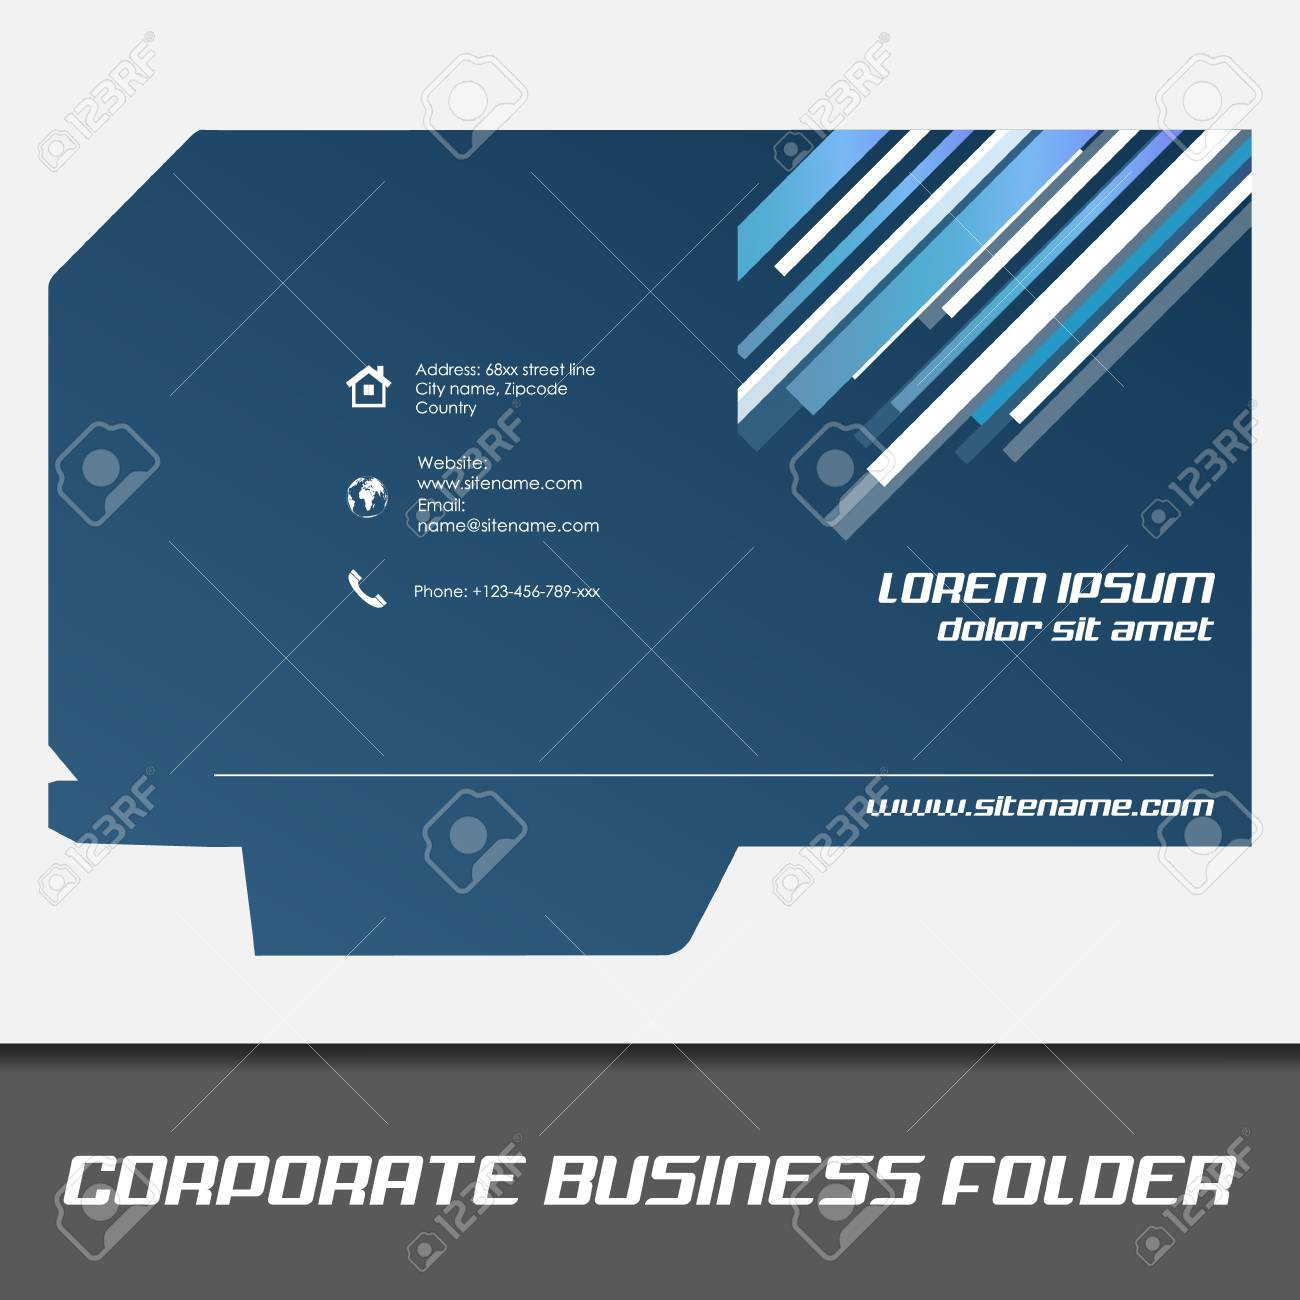 Corporate business folder template document folder royalty free corporate business folder template document folder stock vector 32866915 flashek Image collections